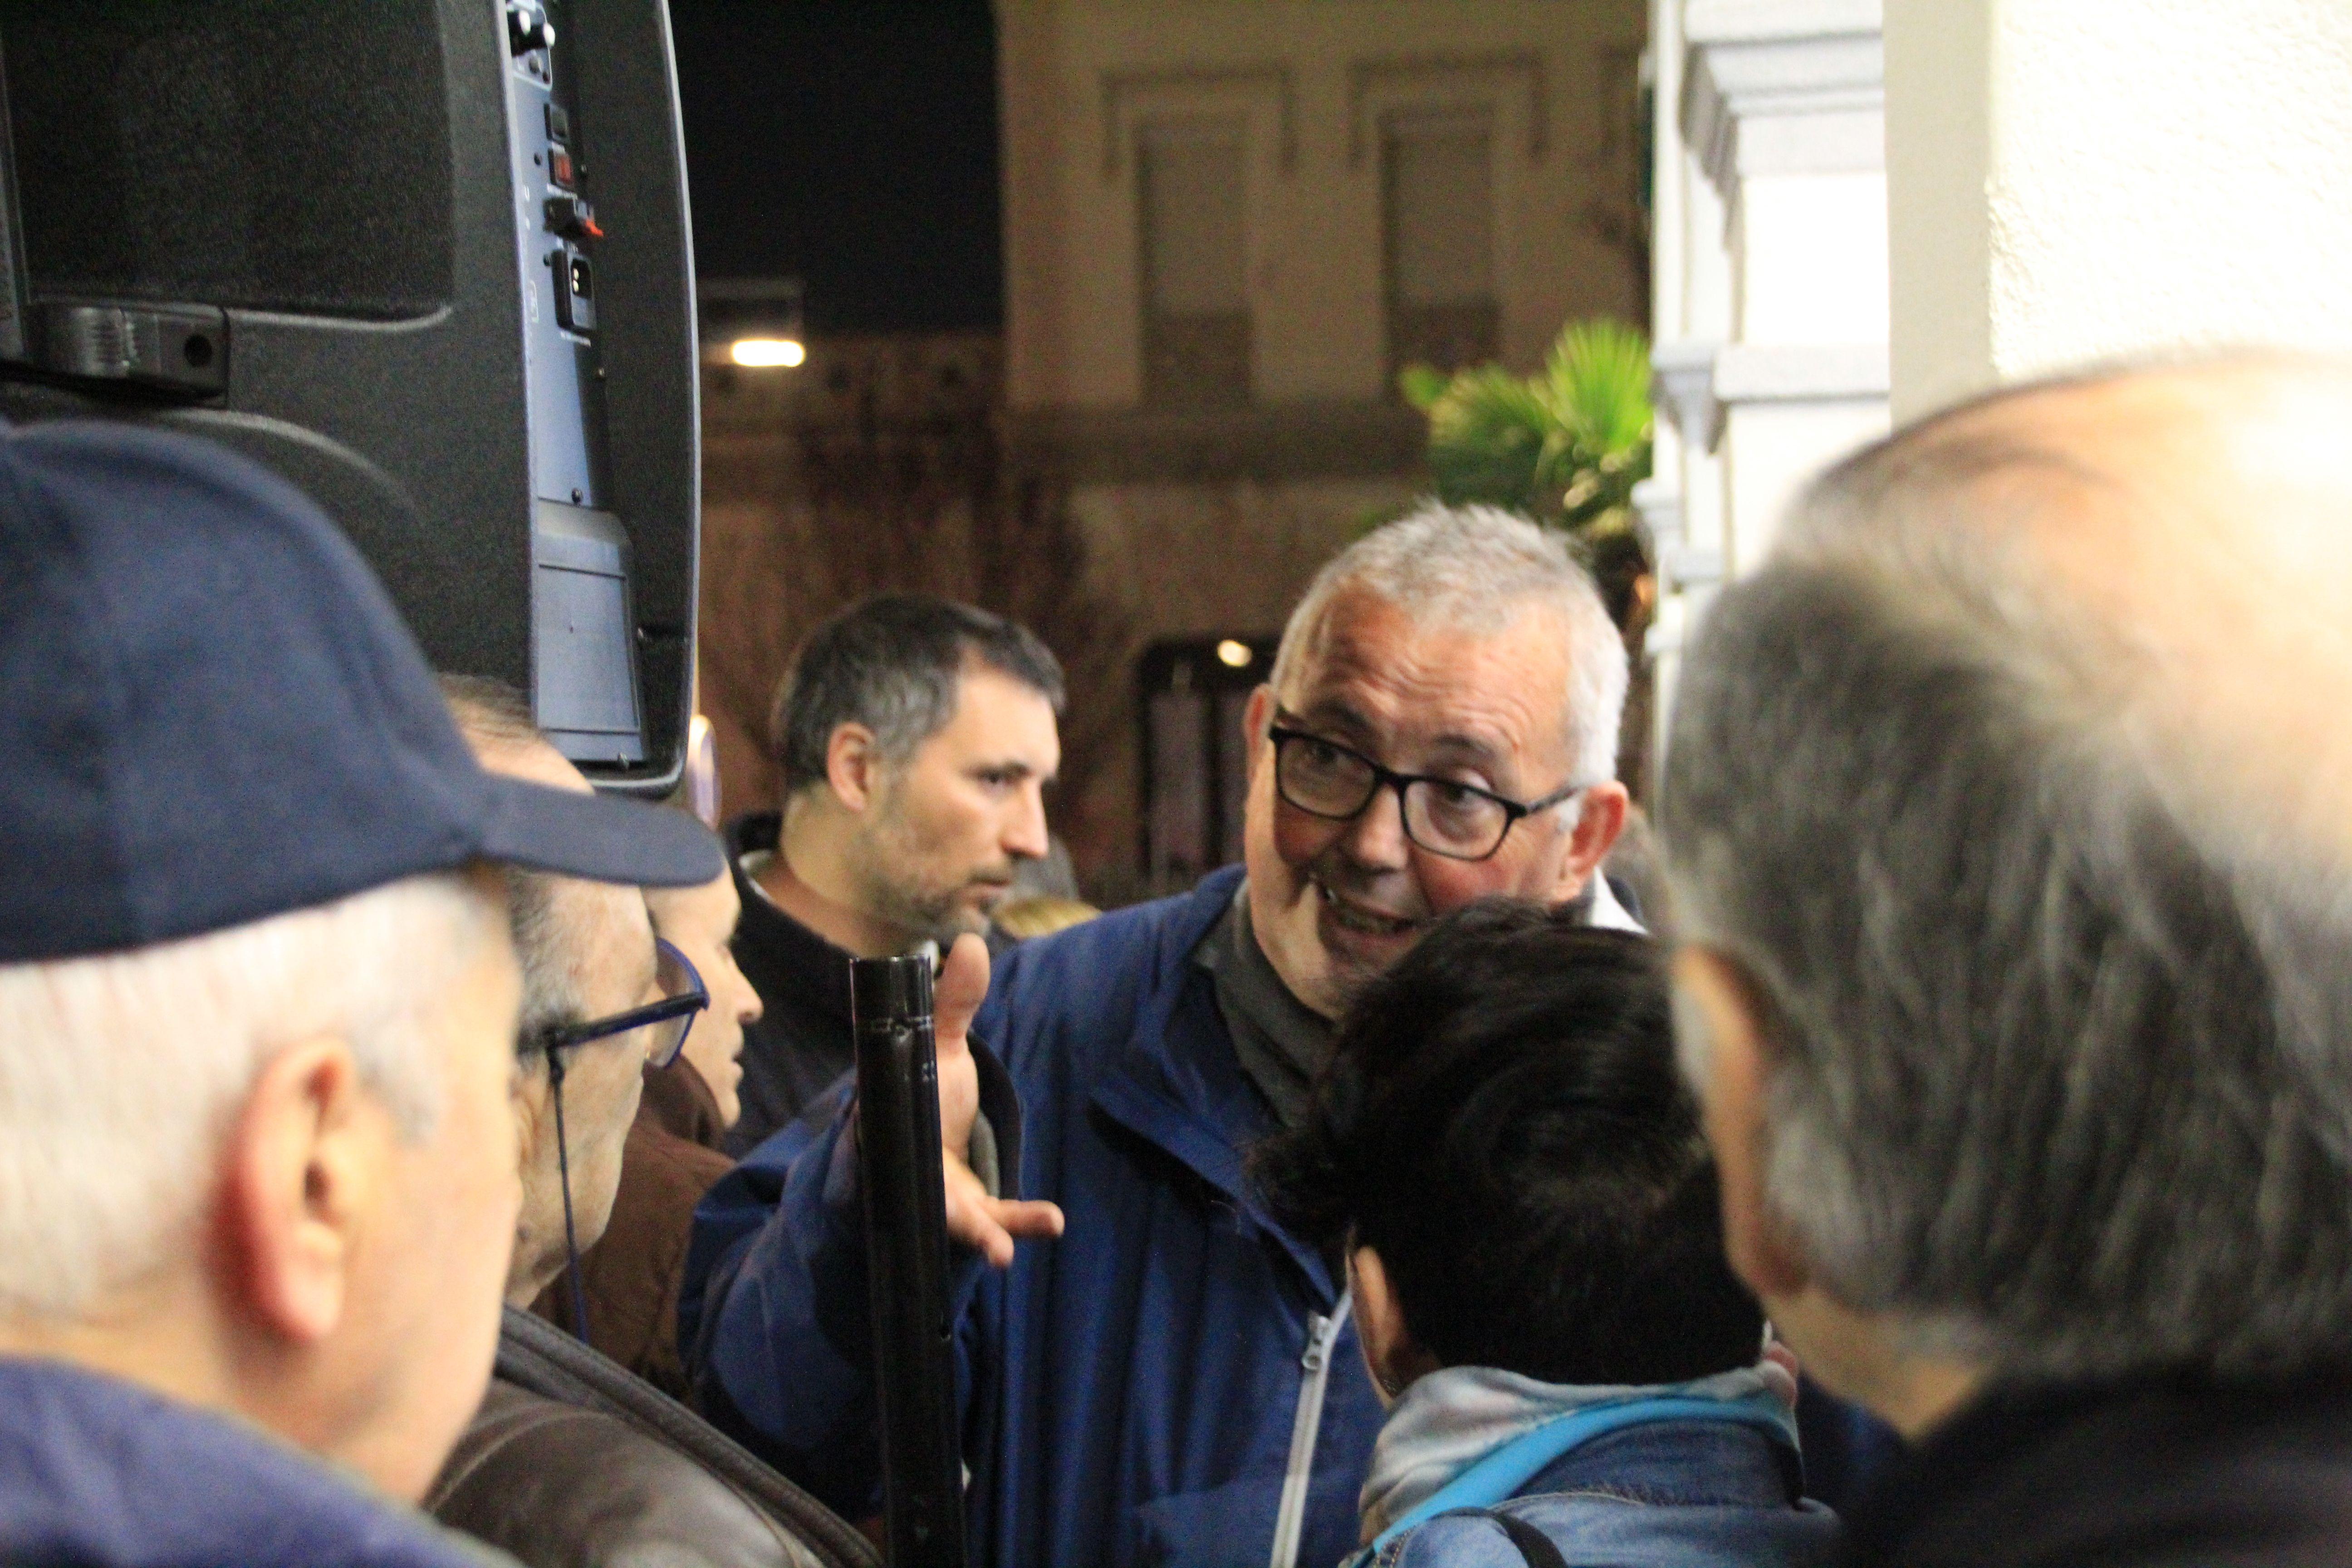 La Plataforma NO tribut va resoldre dubtes als veïns i veïnes de Cerdanyola després de la concentració del 13 de novembre